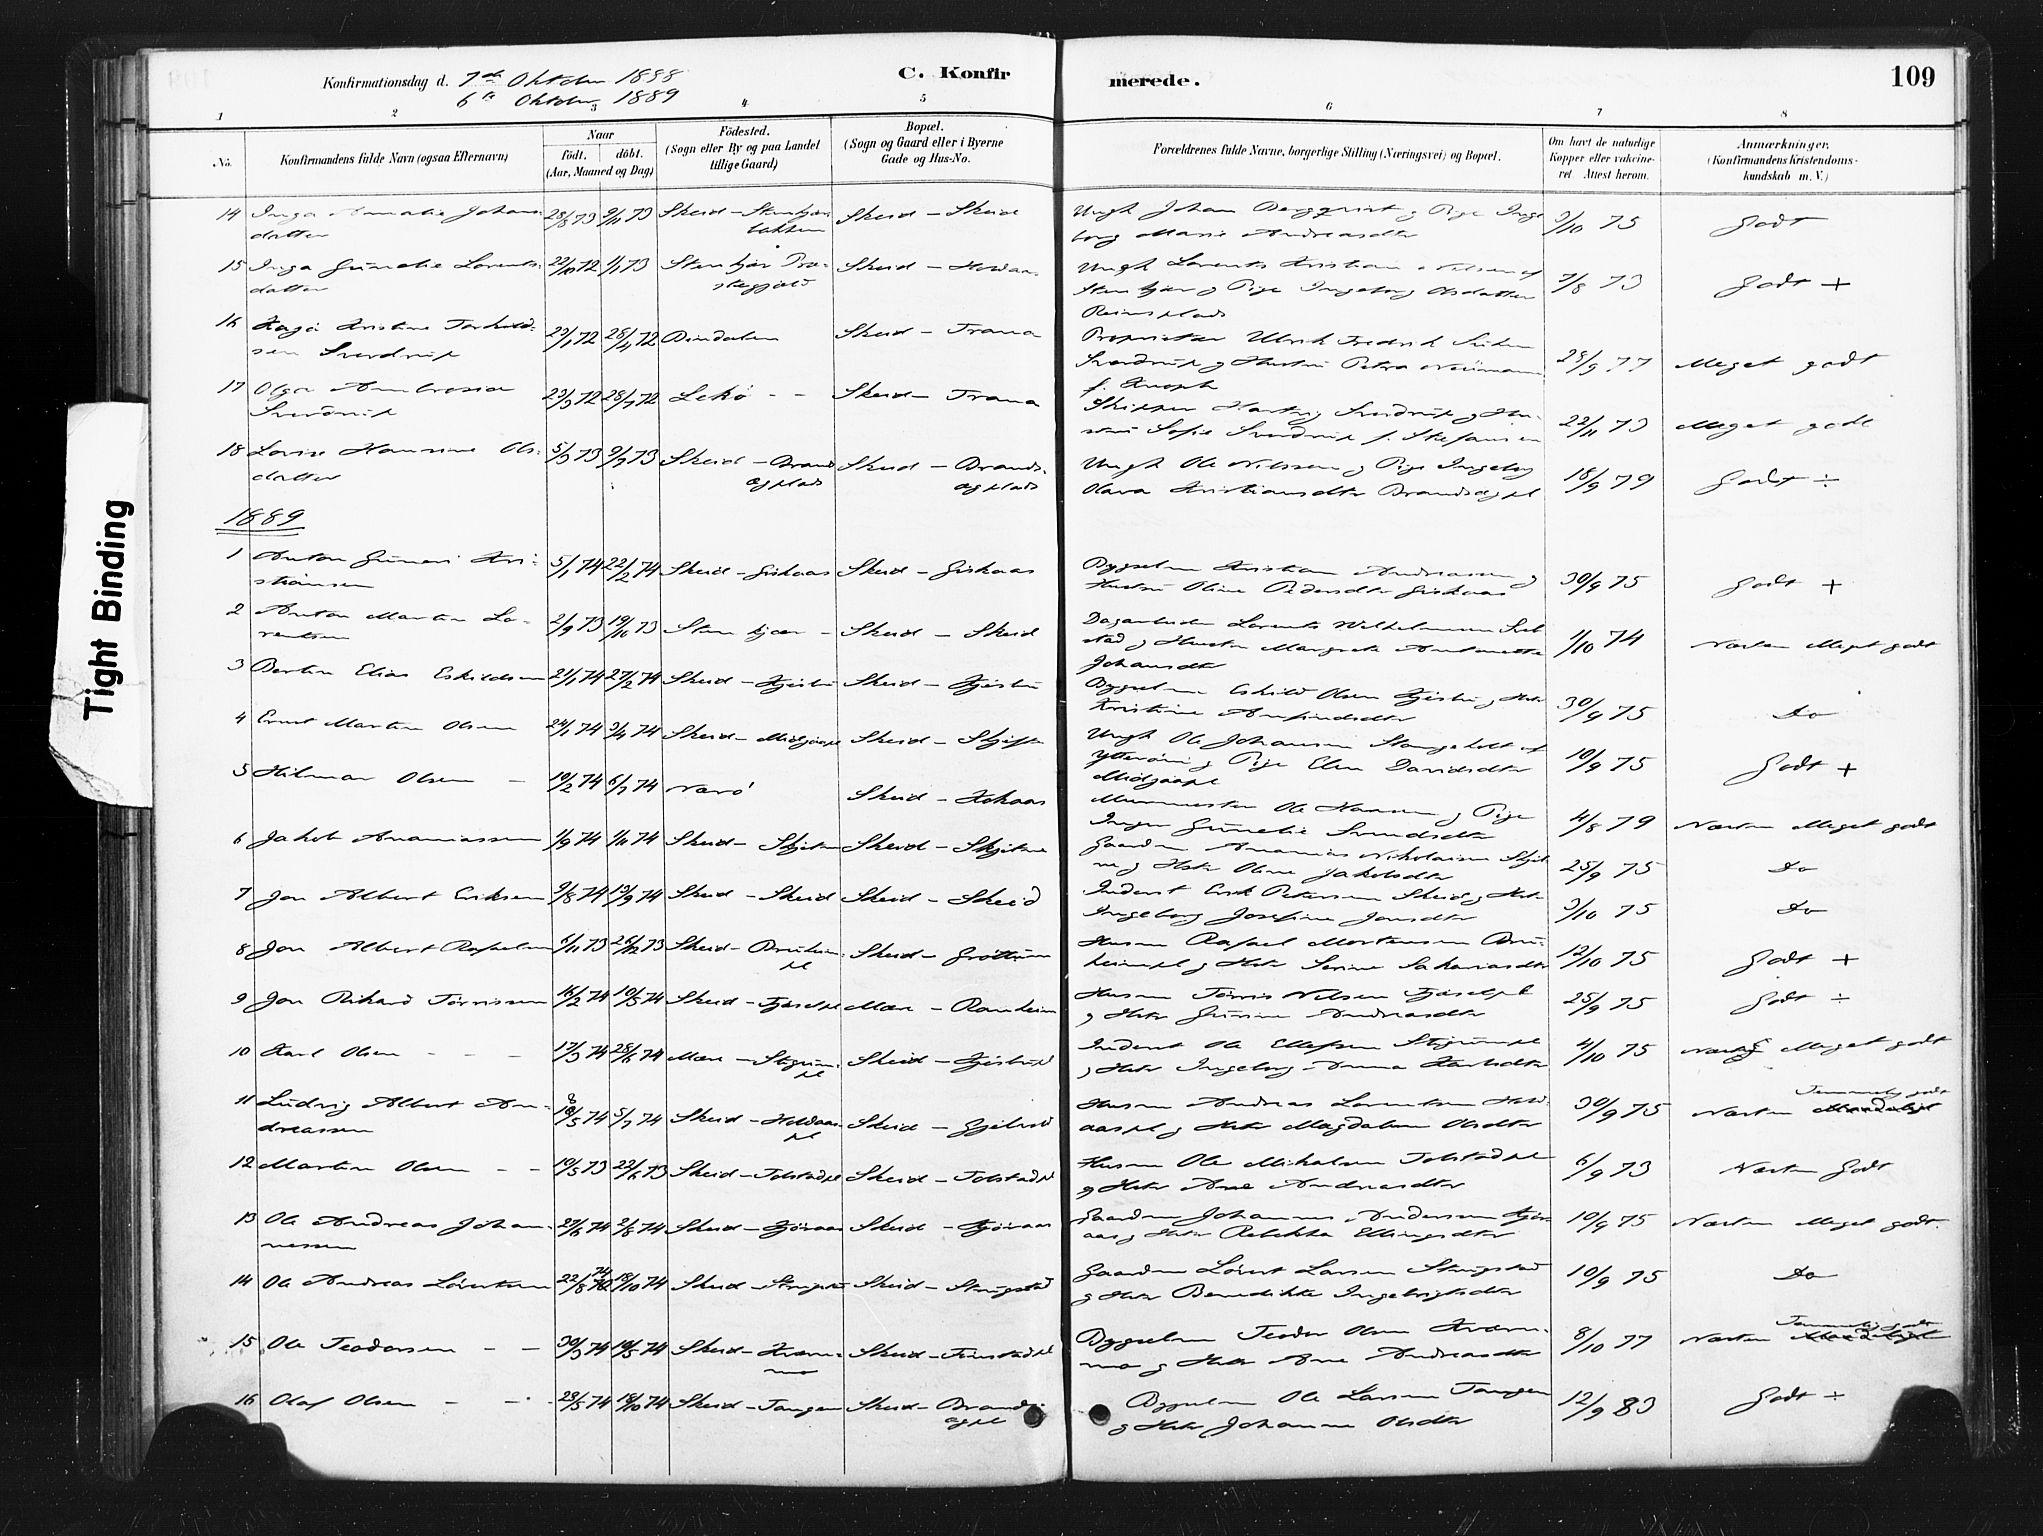 SAT, Ministerialprotokoller, klokkerbøker og fødselsregistre - Nord-Trøndelag, 736/L0361: Ministerialbok nr. 736A01, 1884-1906, s. 109